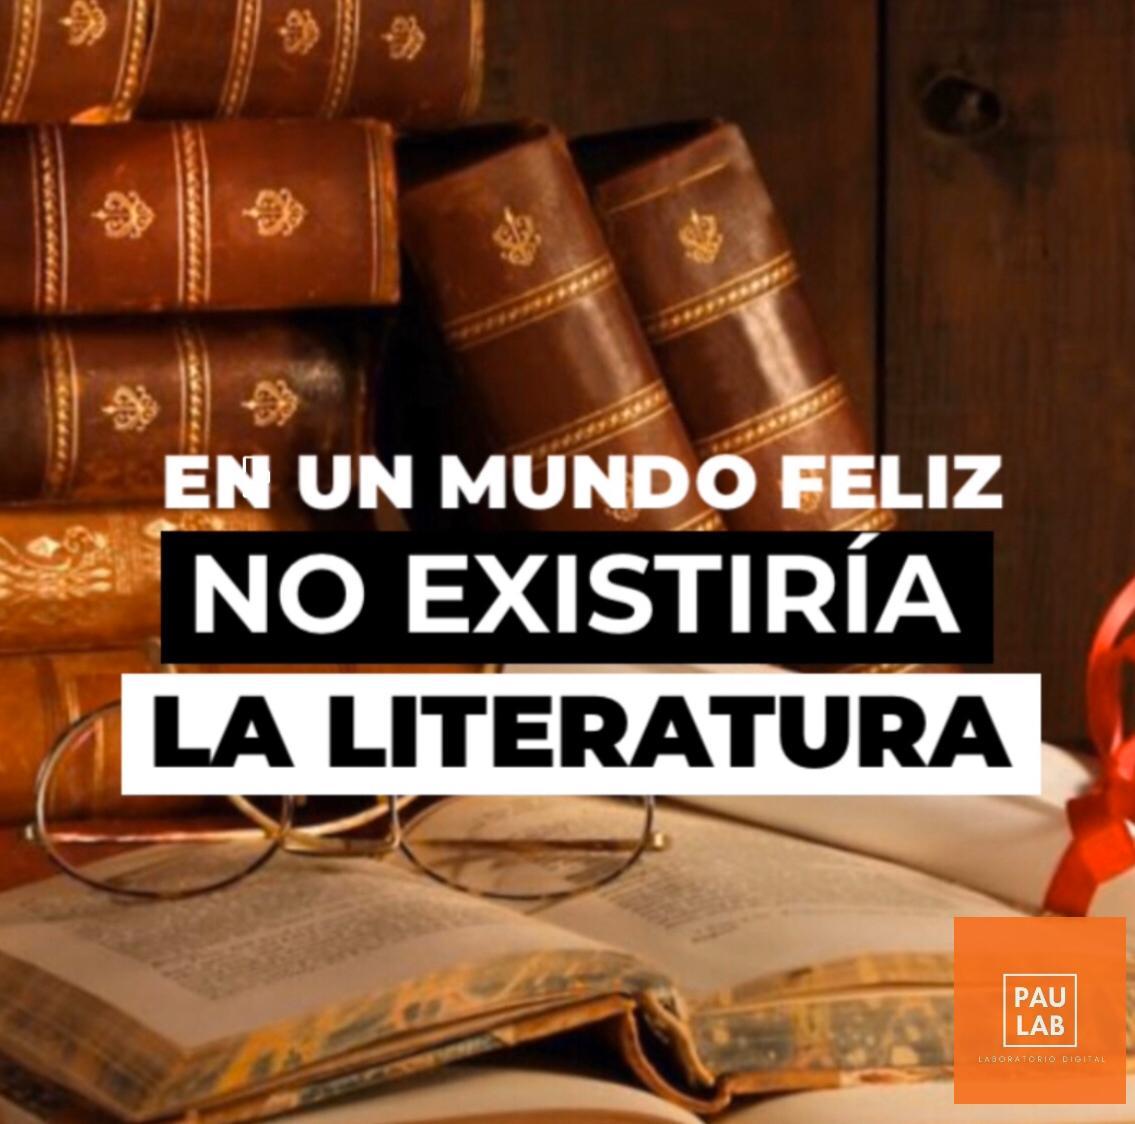 En un mundo feliz no existiría la literatura